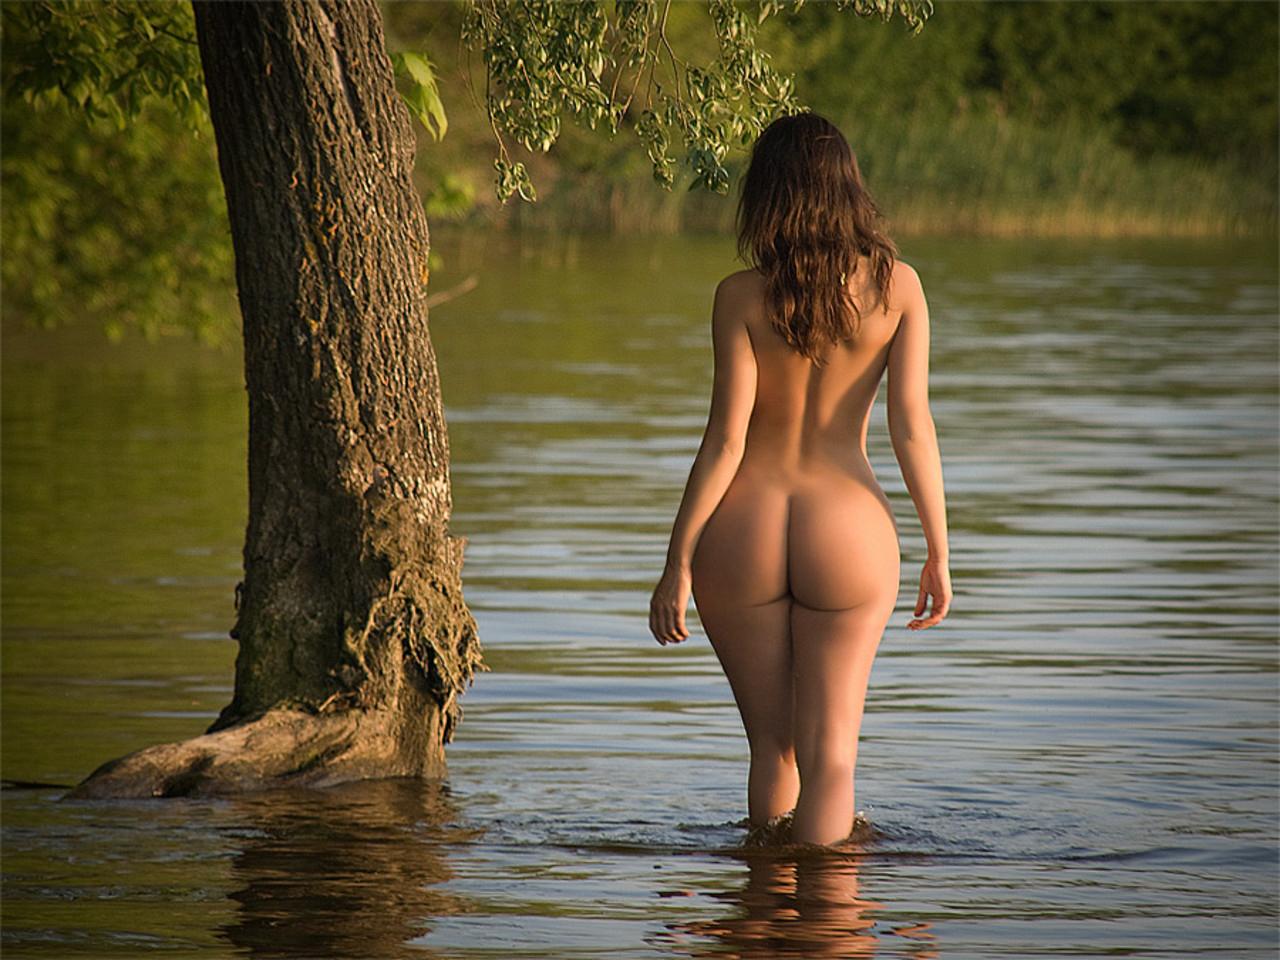 Красивые девушки голые на природе фото